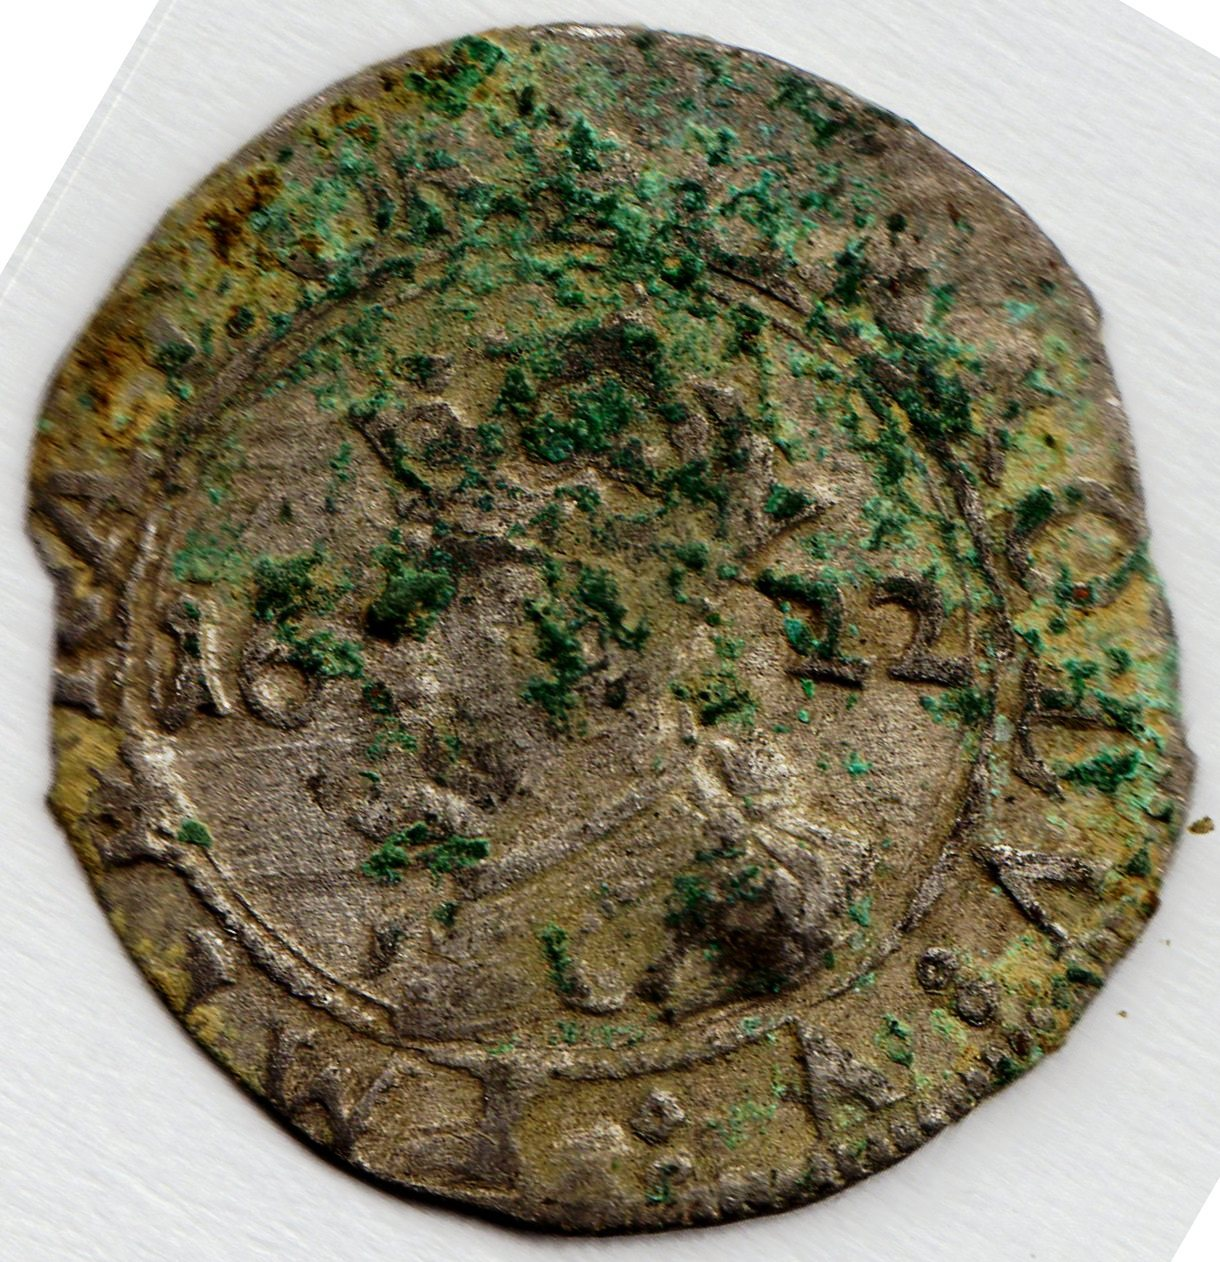 Limpiar monedas? 2mr9nv5